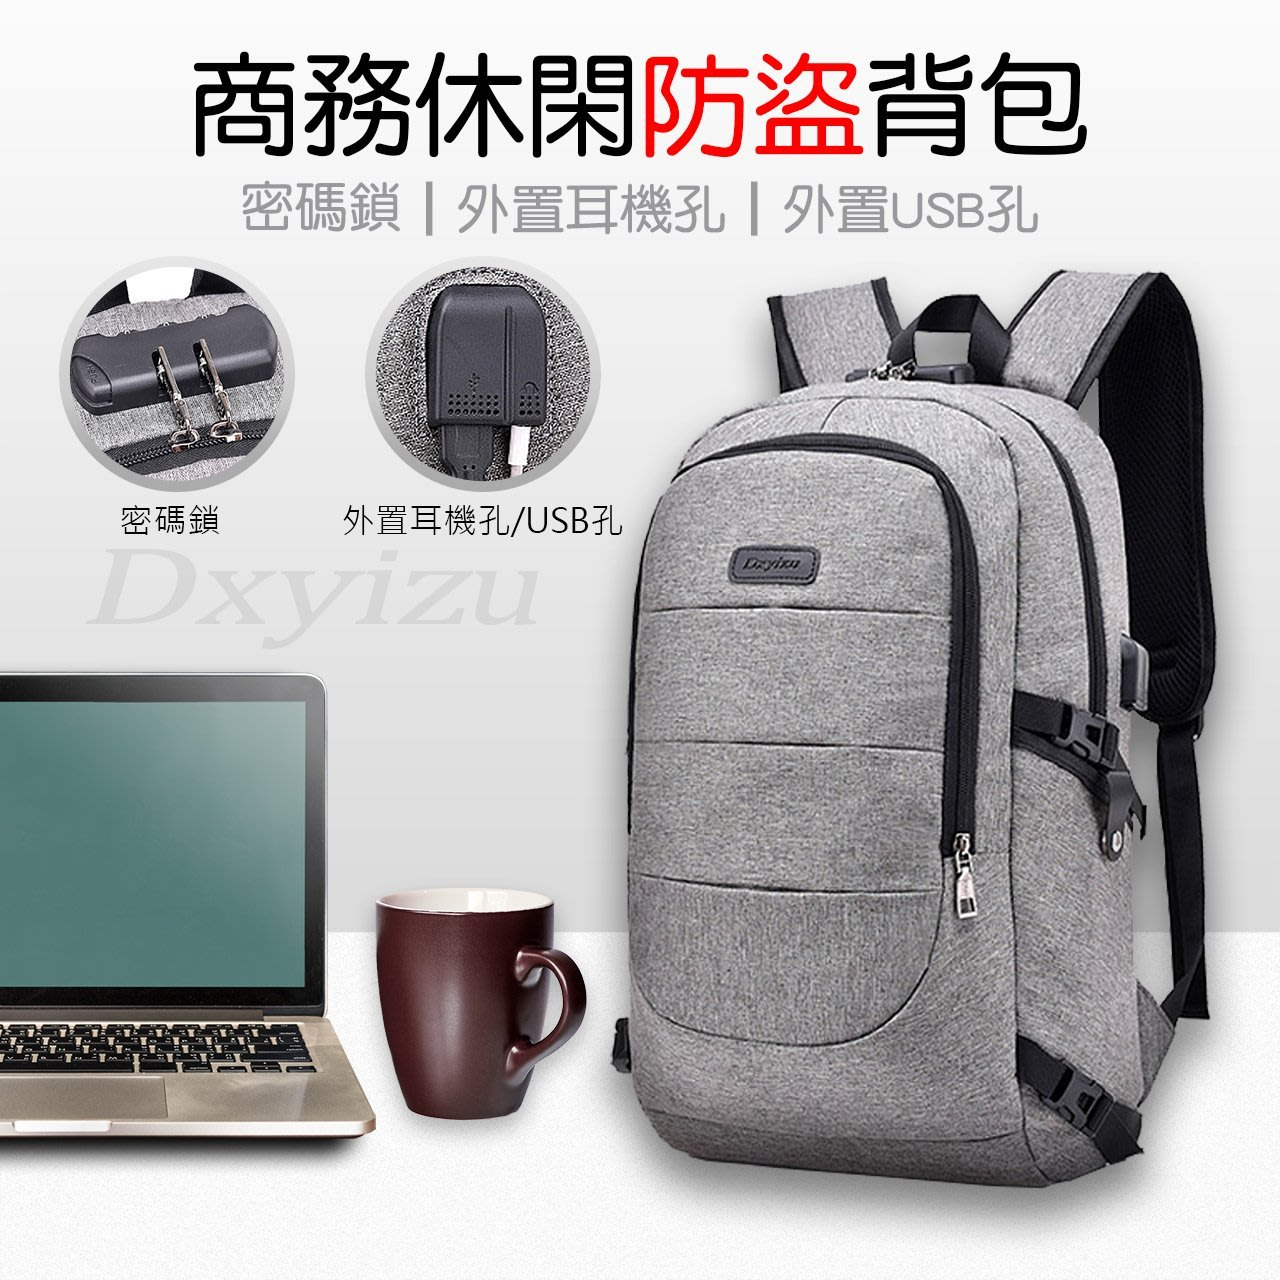 【 3in1多工雙肩包】 防盜 耳機孔 USB充電 後背包 防水防盜充電背包 簡易USB充電雙肩包 包包 筆電包 書包